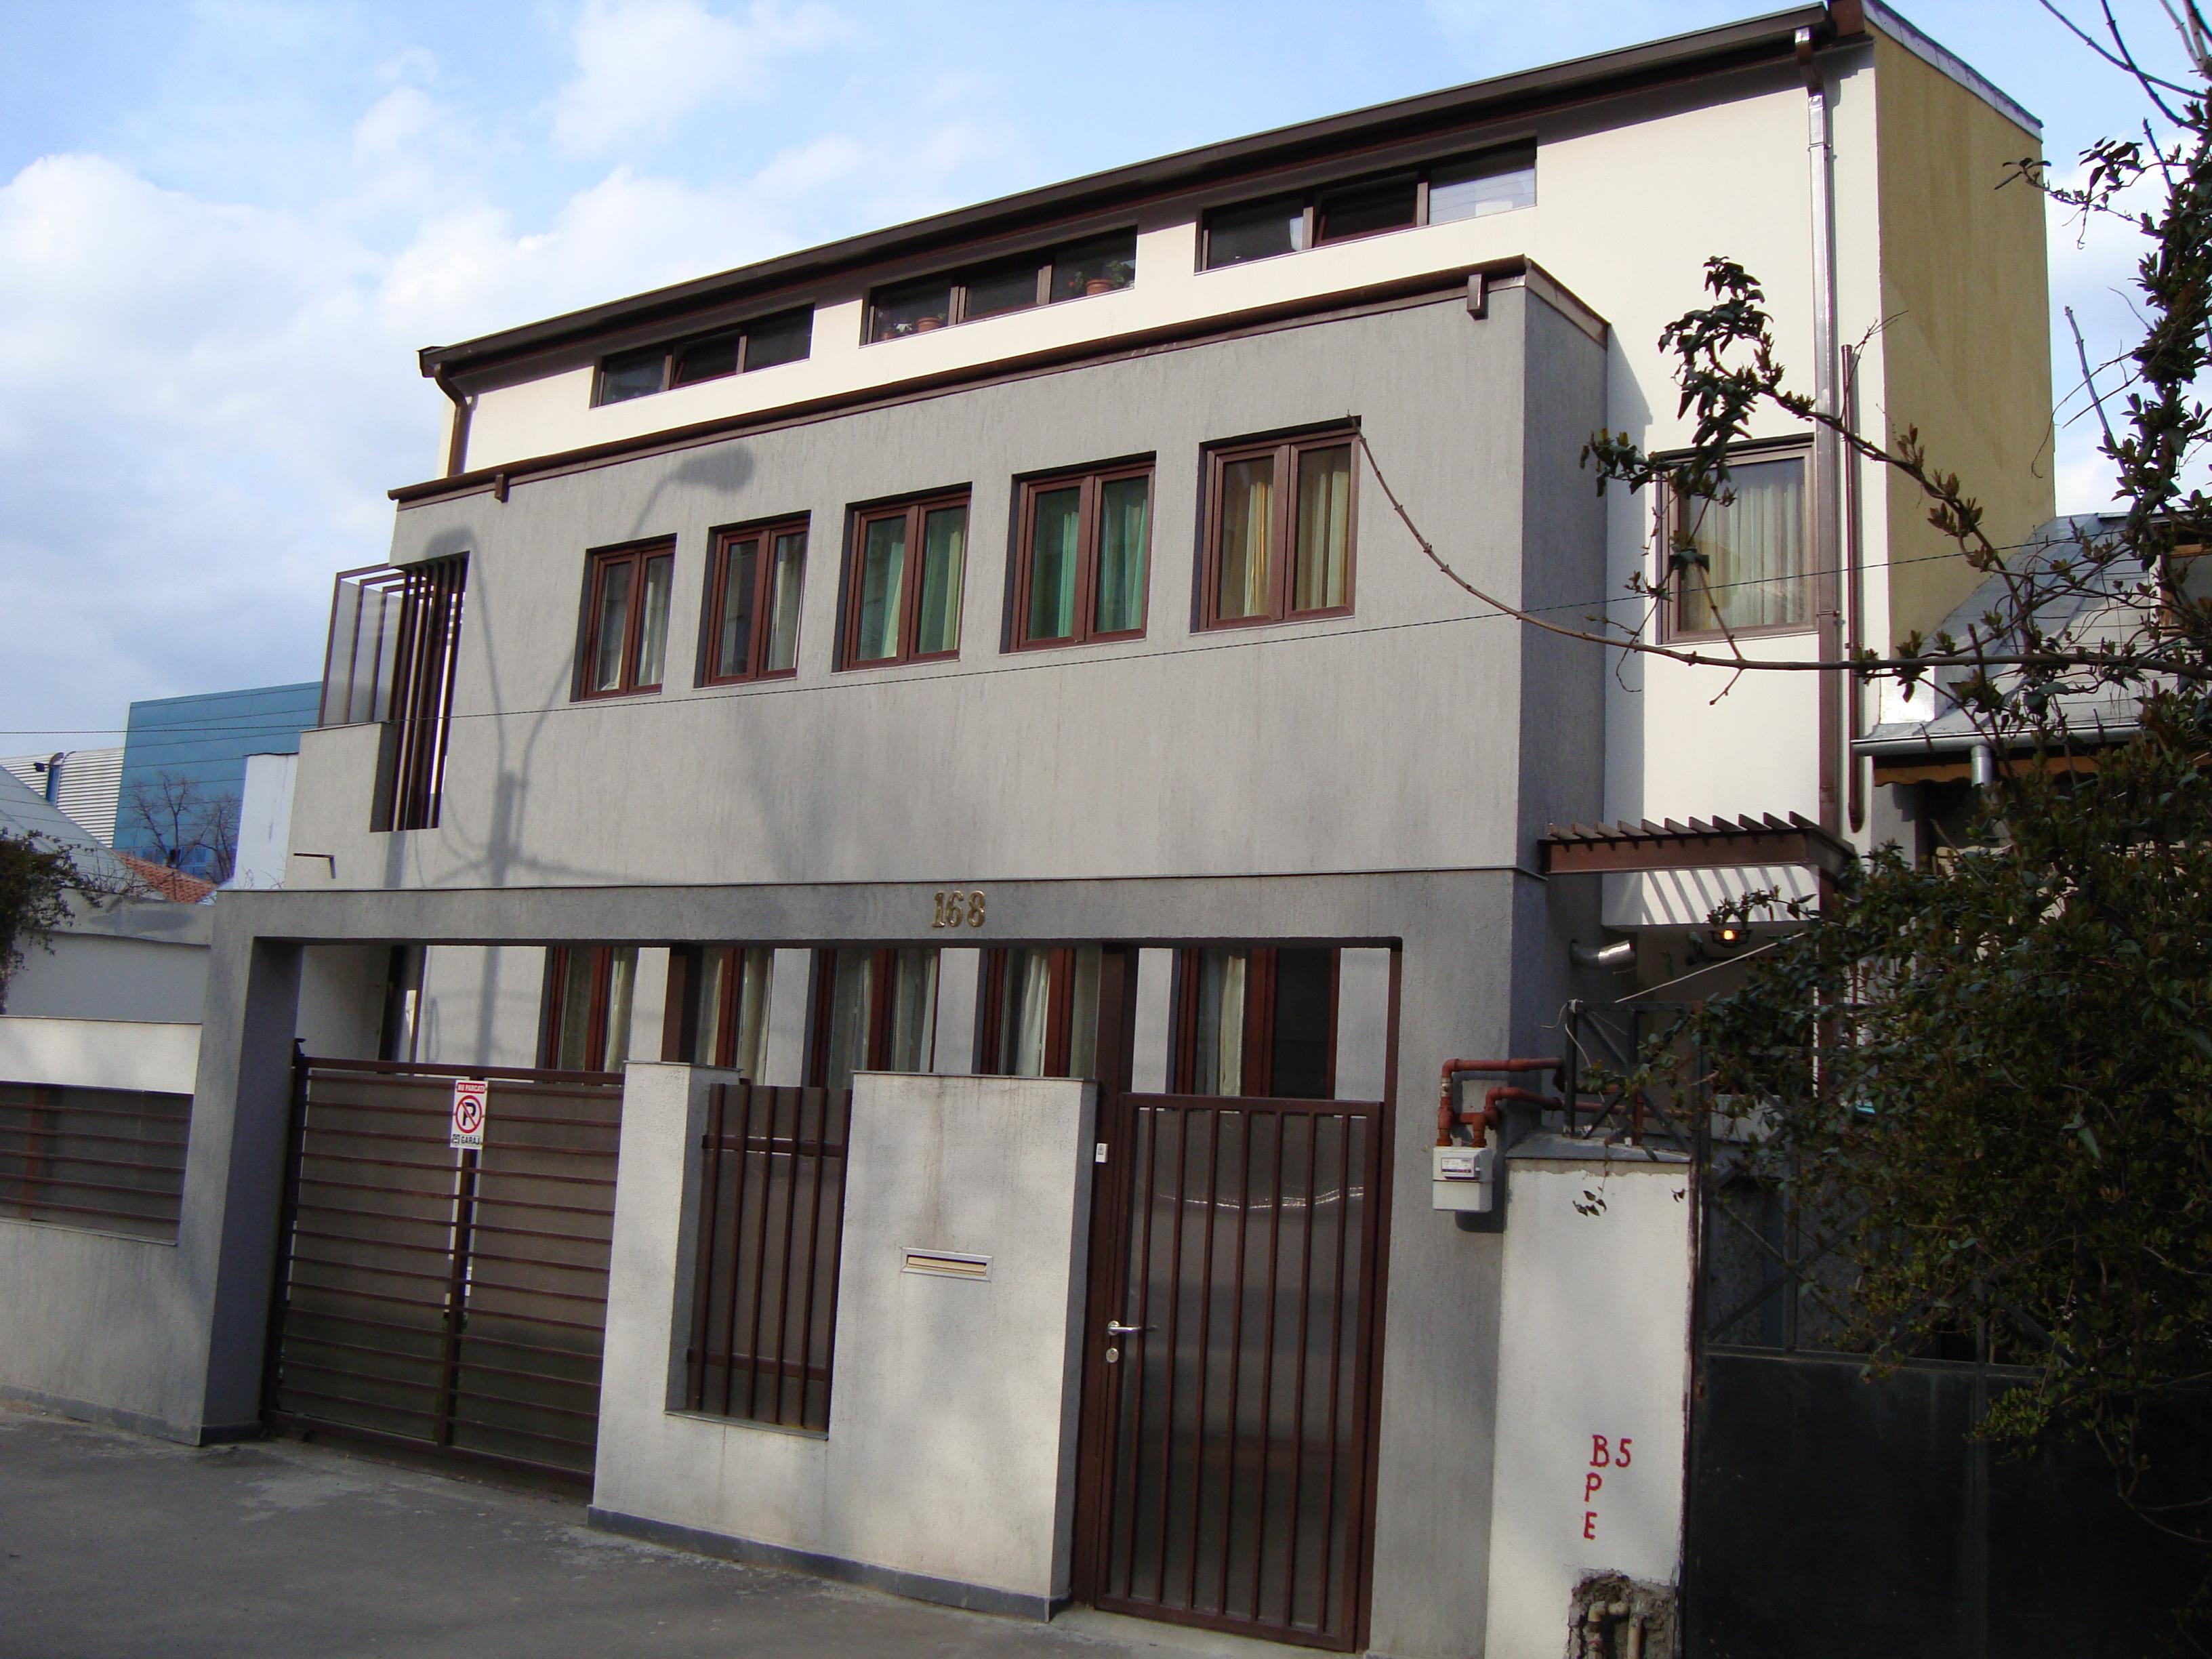 Casa O - Bucuresti  - Poza 1